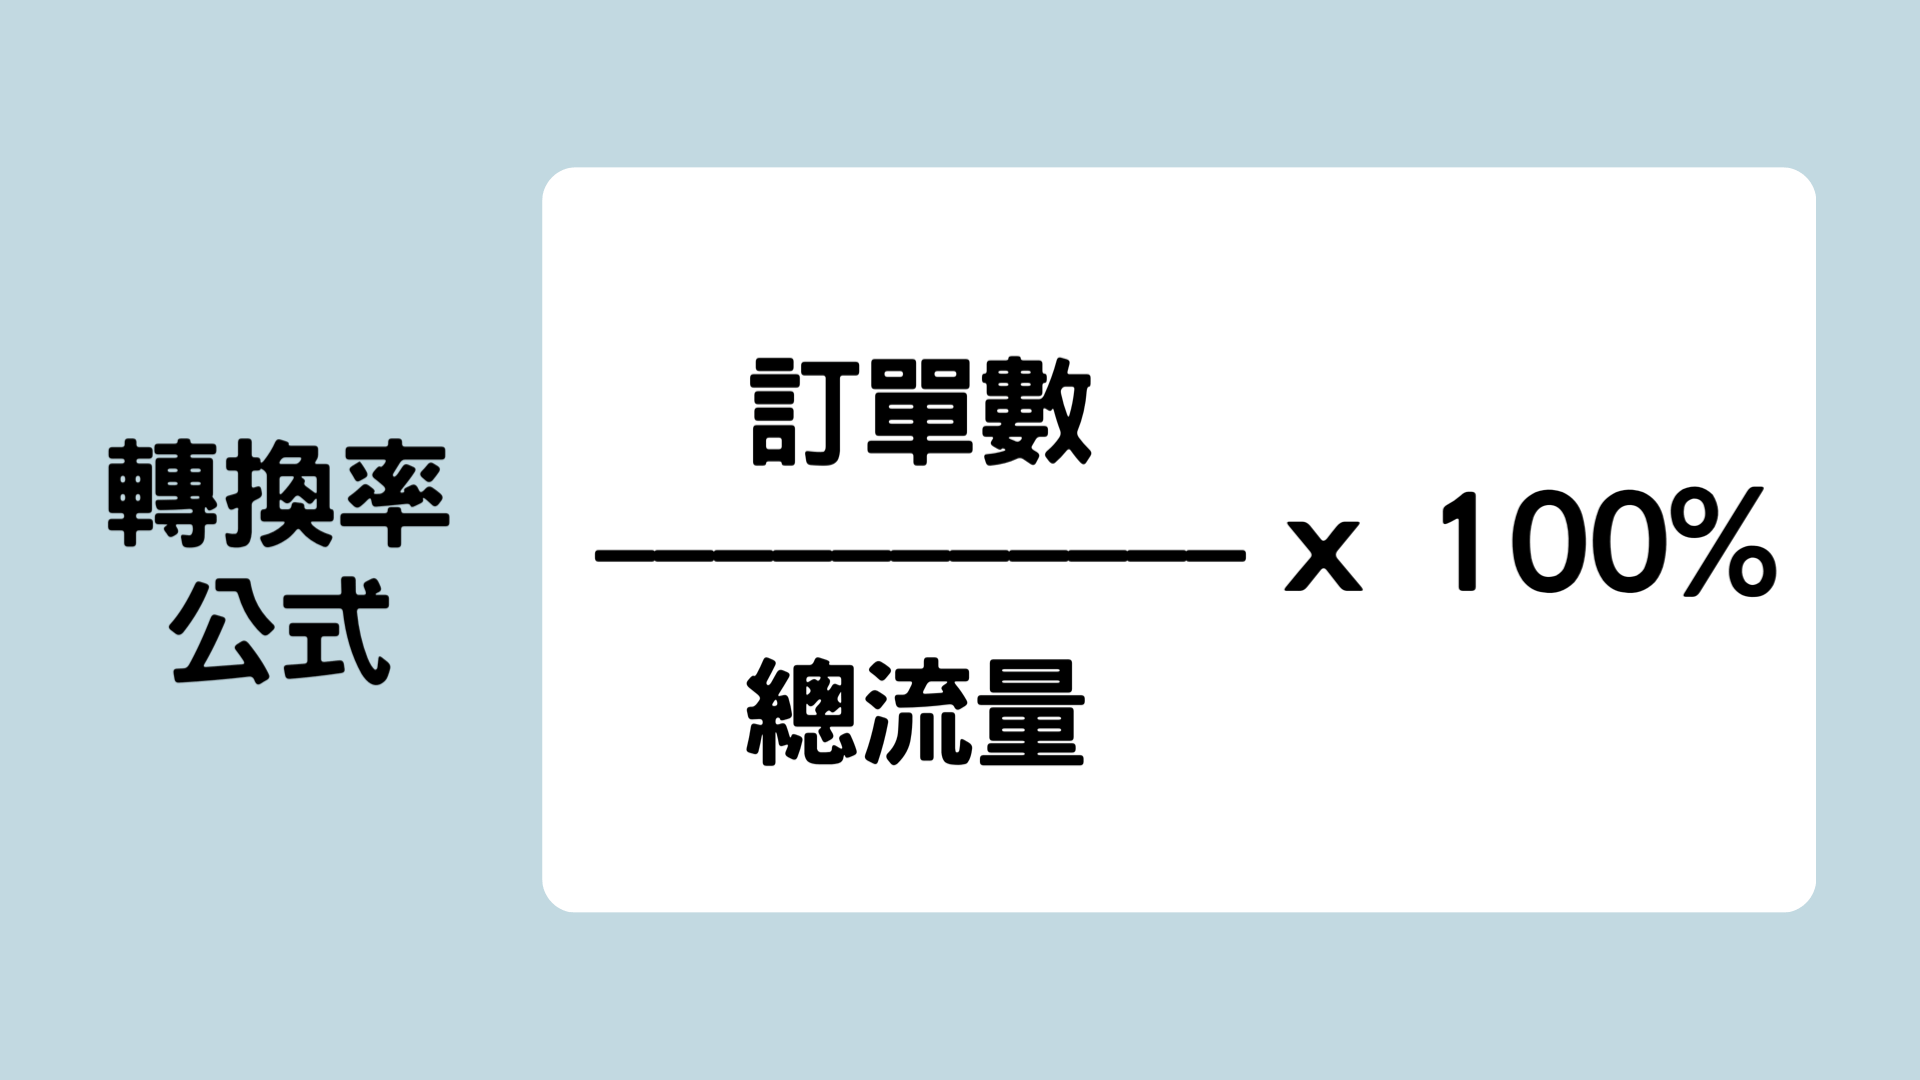 電商轉換率-公式圖-2